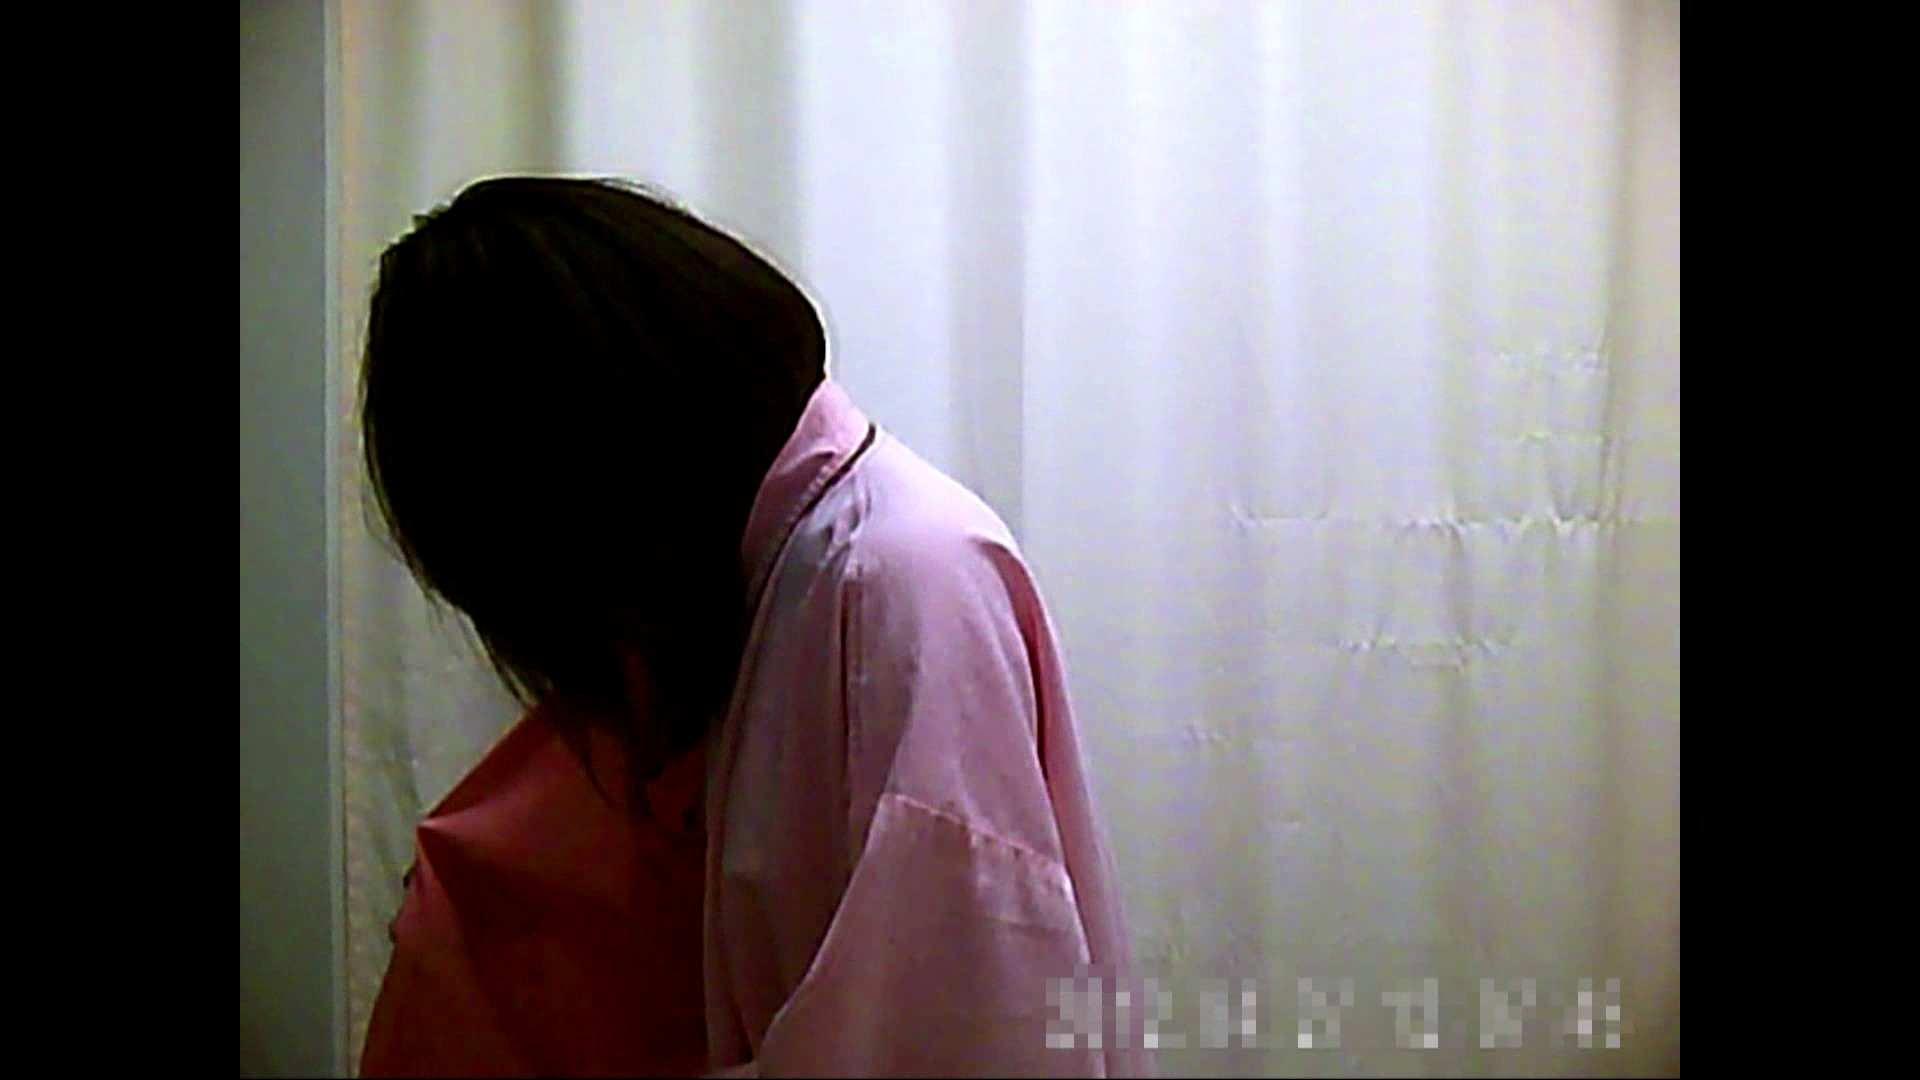 元医者による反抗 更衣室地獄絵巻 vol.005 OLハメ撮り  29Pix 3